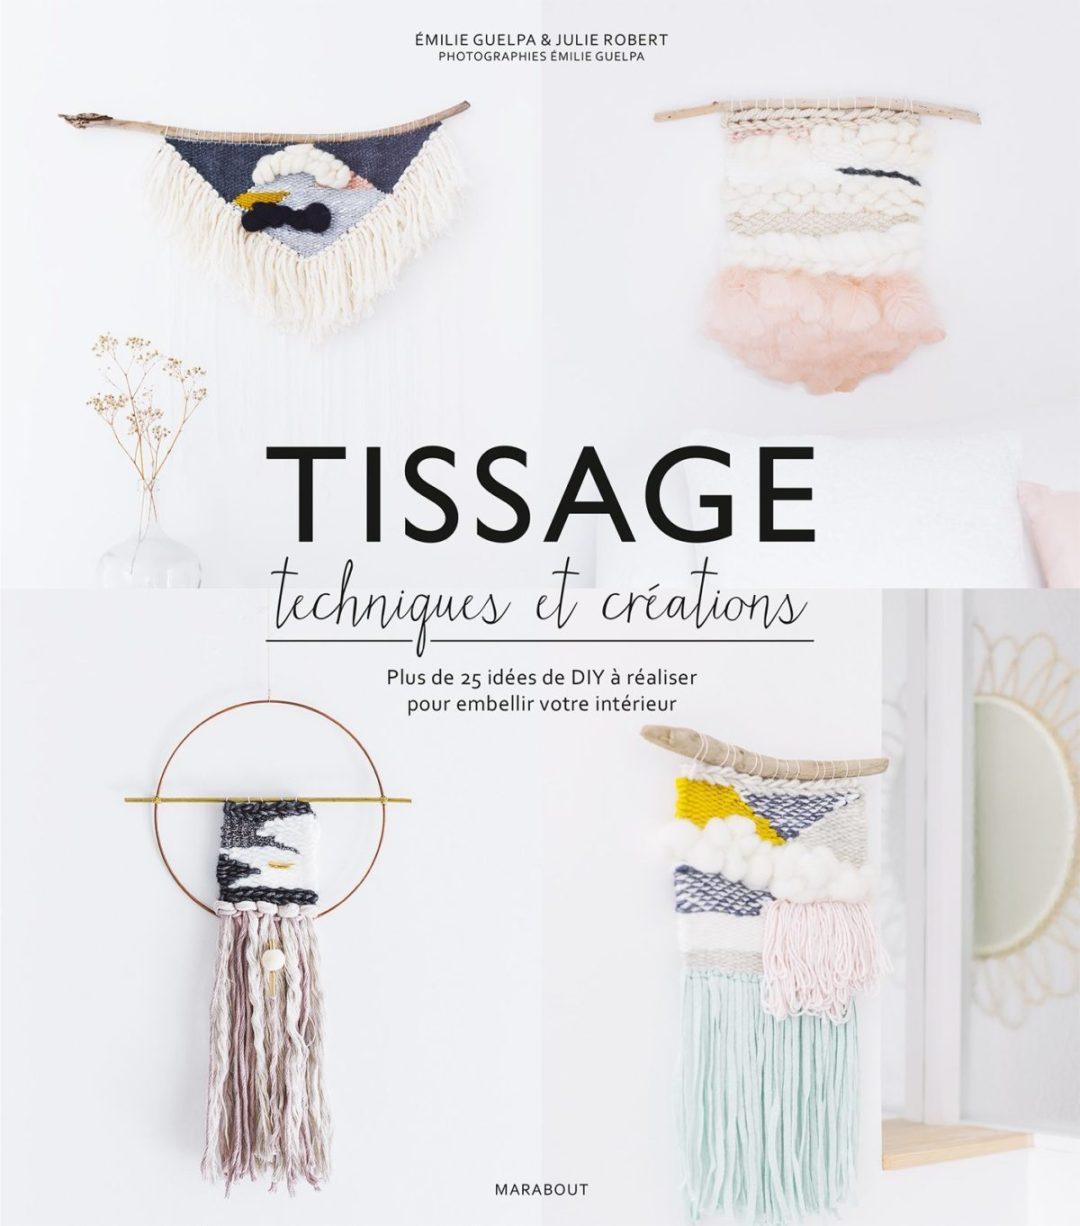 livre « TISSAGE techniques et créations » Julie Robert - makeitnow.fr